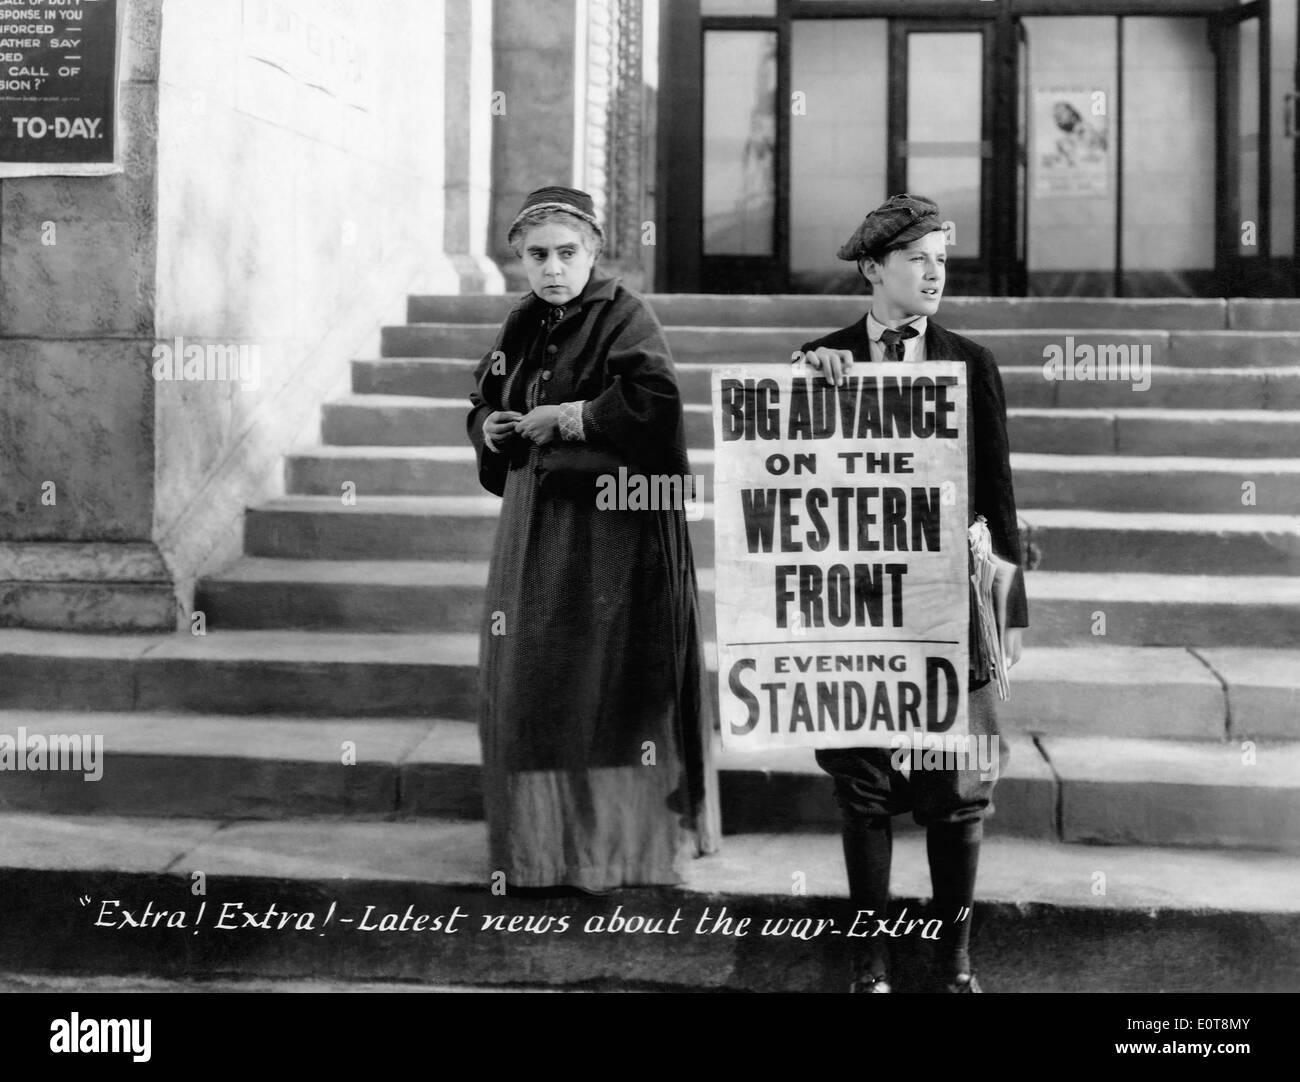 Beryl Mercer, on-set of the Film, 'Seven Days' Leave', 1930 - Stock Image